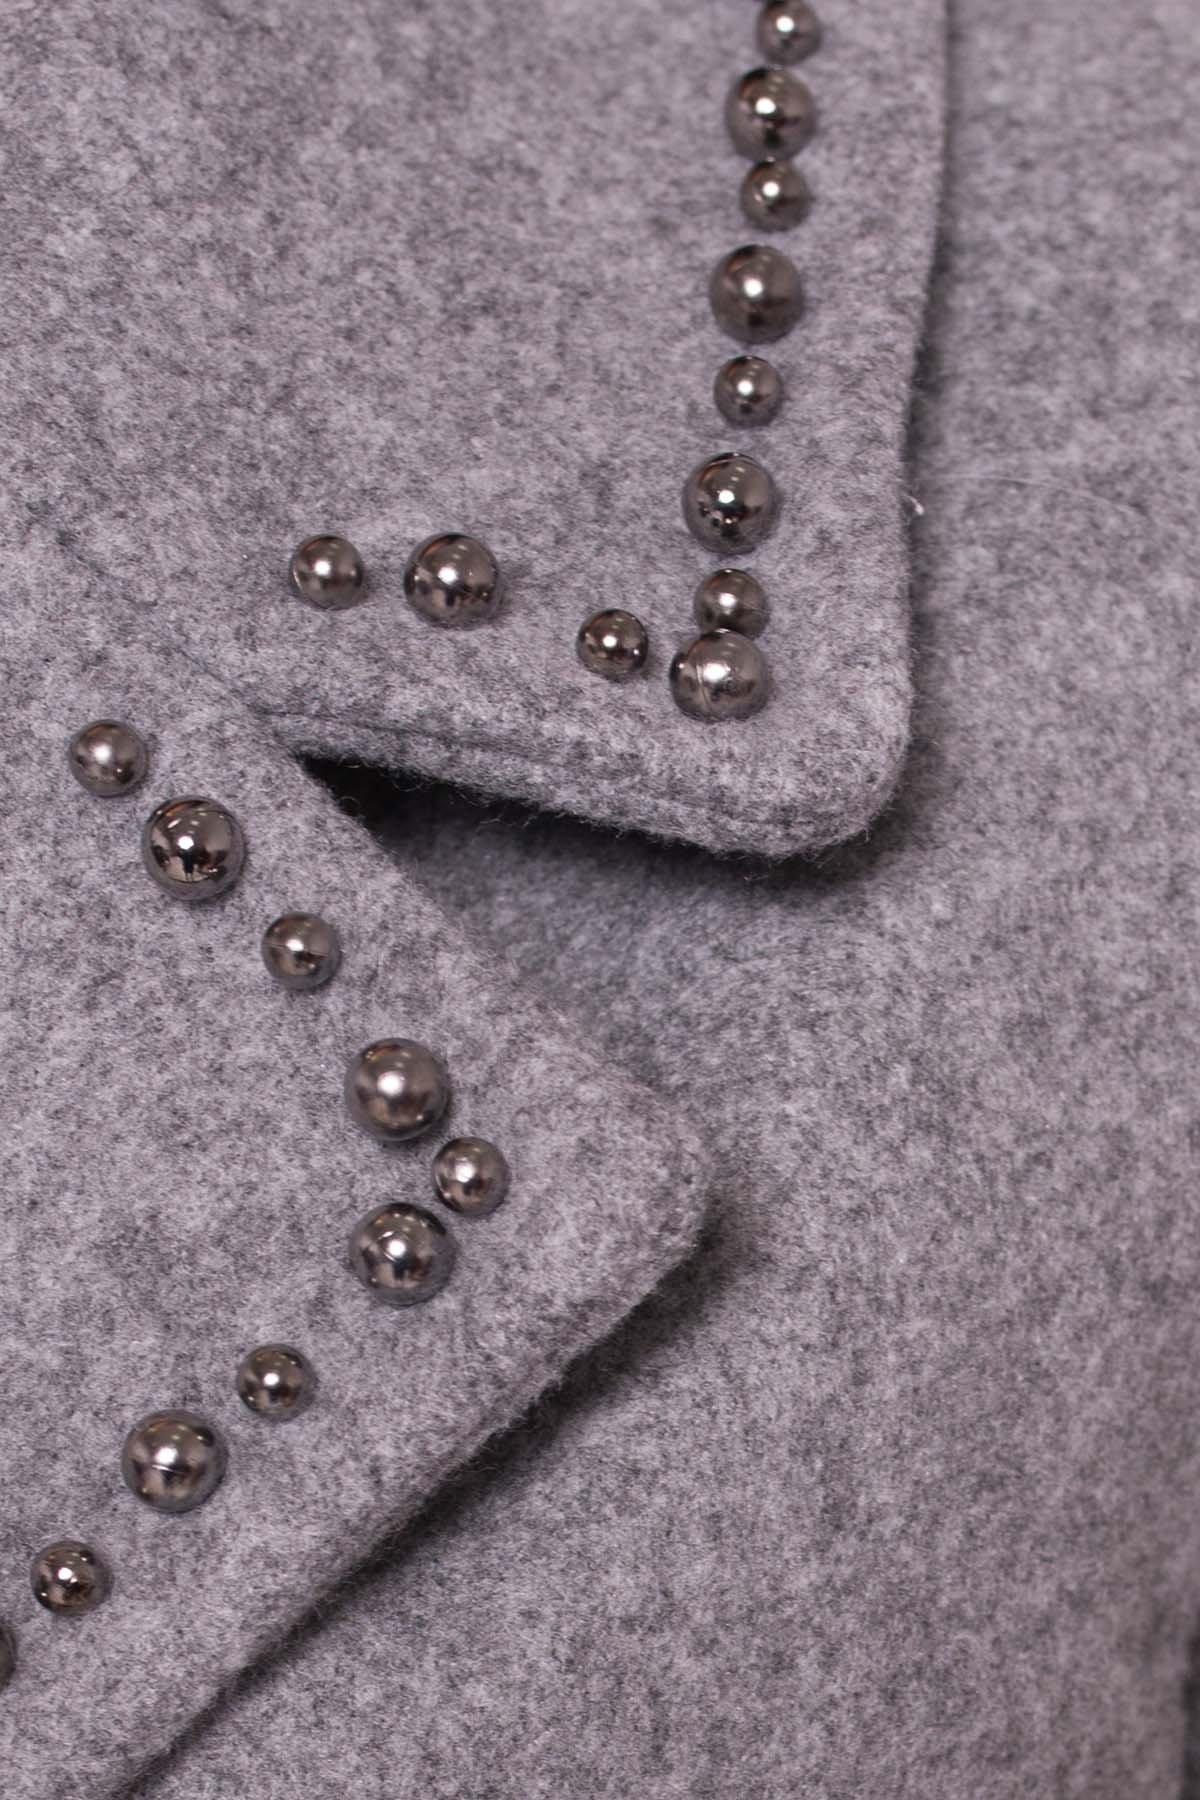 Пальто Кейси 5414 АРТ. 36765 Цвет: Серый Светлый 77 - фото 6, интернет магазин tm-modus.ru